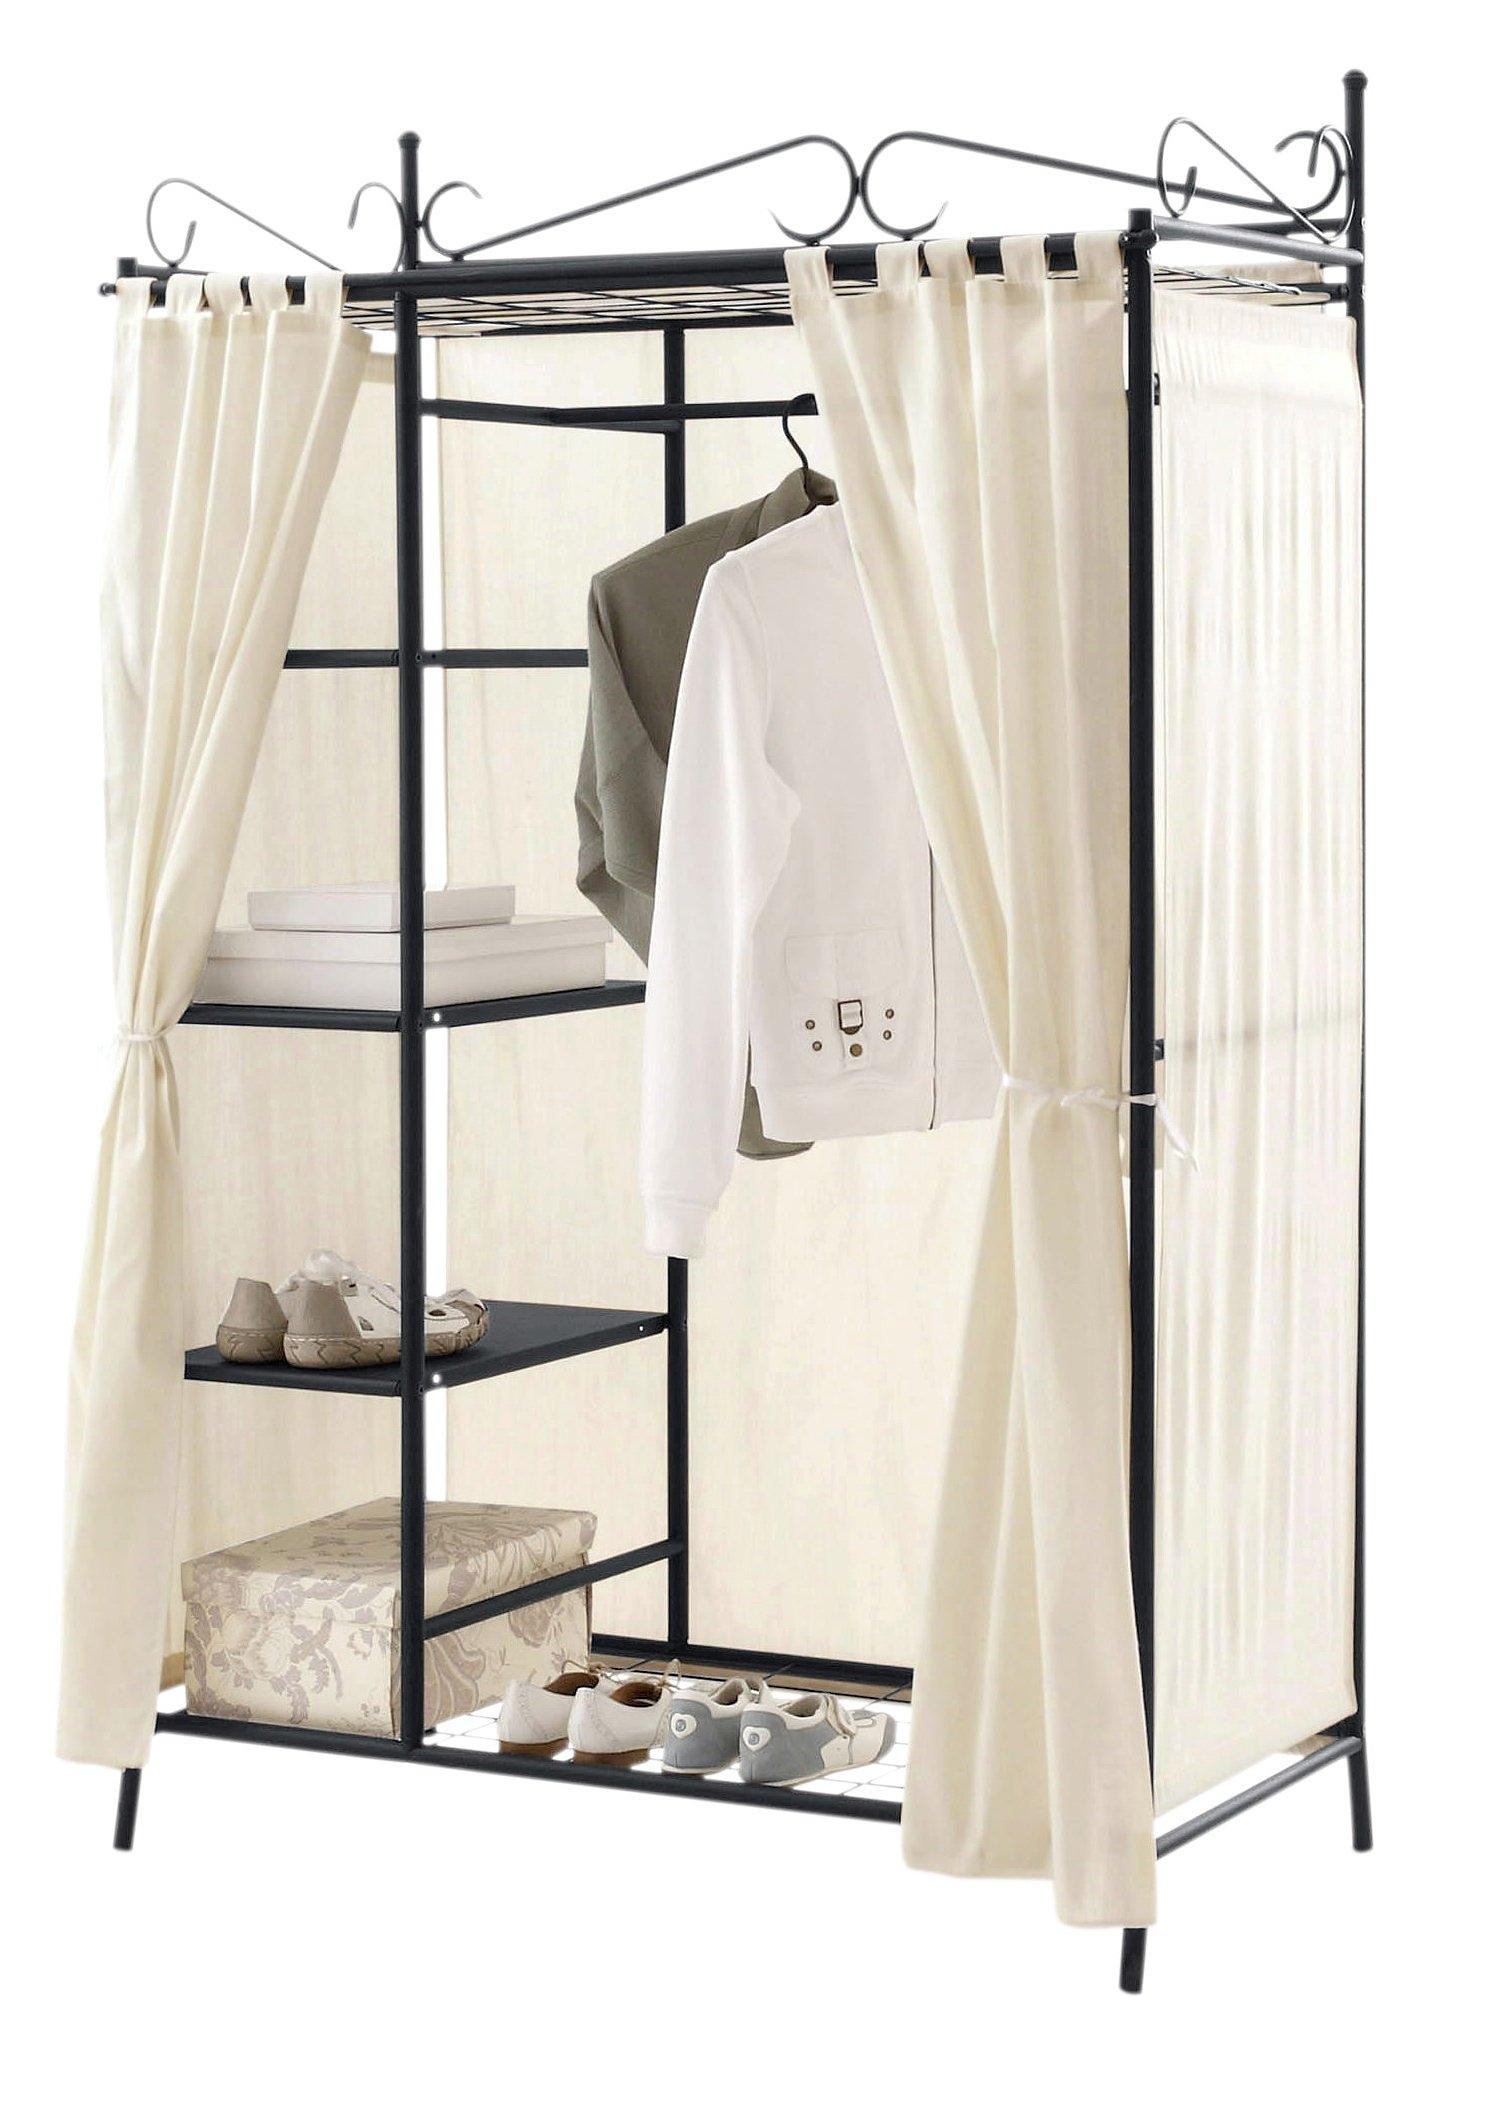 garderobes kopen een mooie garderobe vind je hier otto. Black Bedroom Furniture Sets. Home Design Ideas